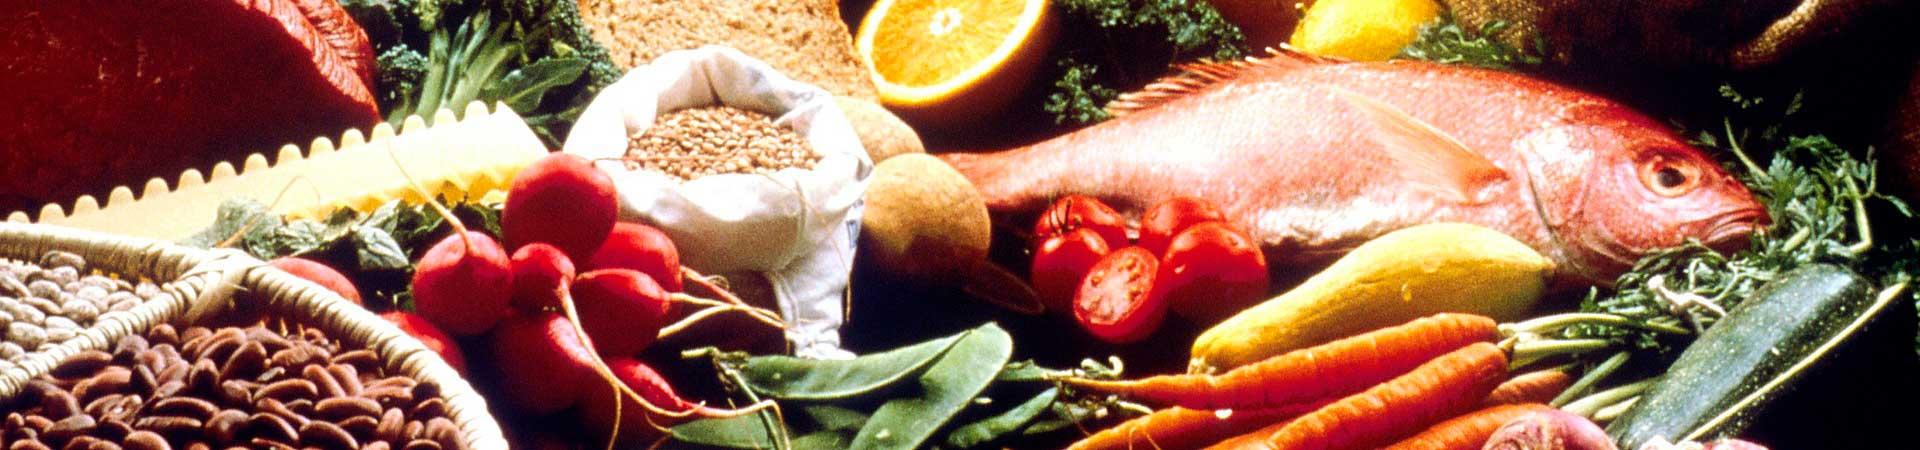 la importancia de controlar la temperatura en los alimentos